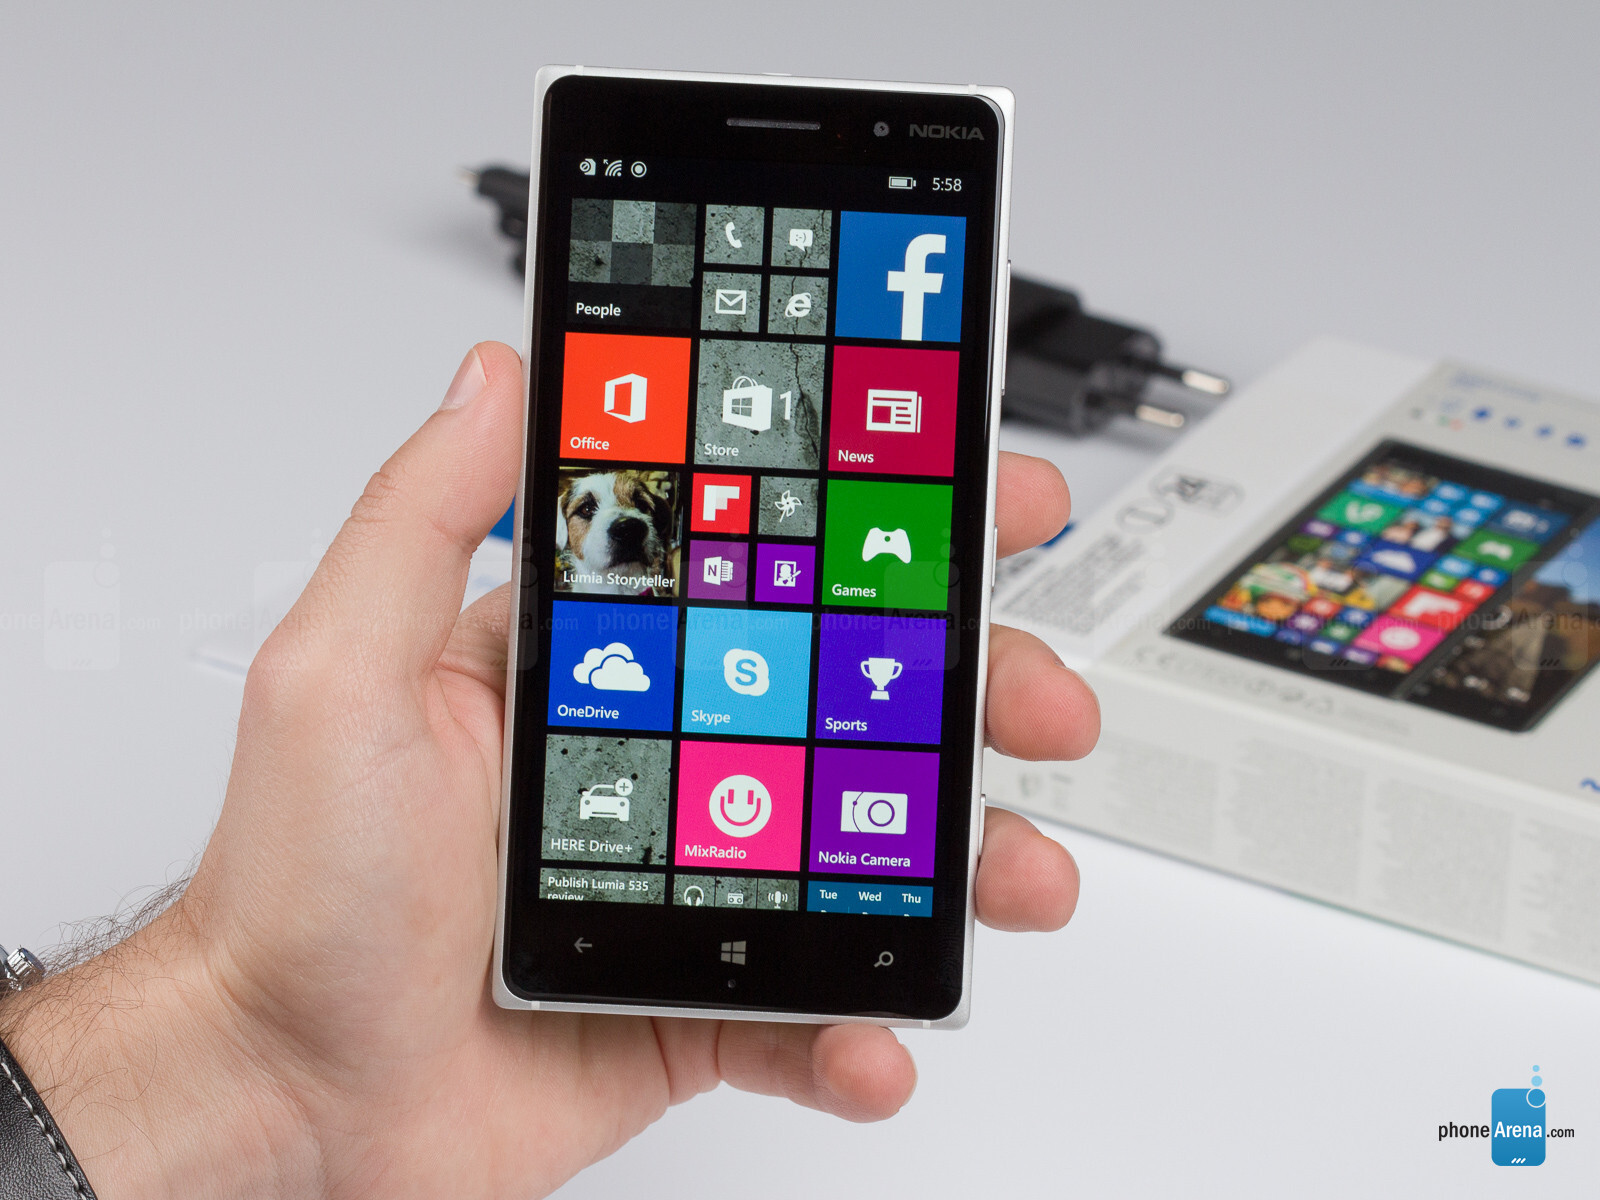 Nokia lumia 830 t mobile - Nokia Lumia 830 T Mobile 2